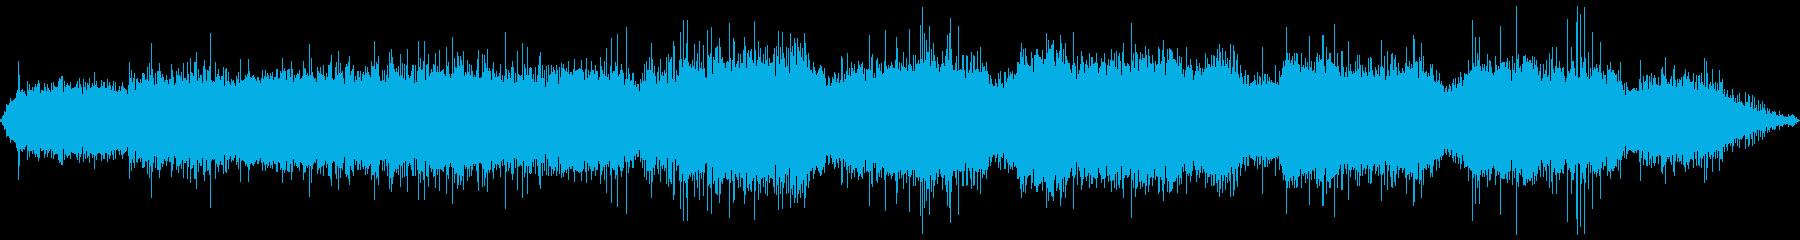 電動ジグソー:スタート、ヘビーウッ...の再生済みの波形